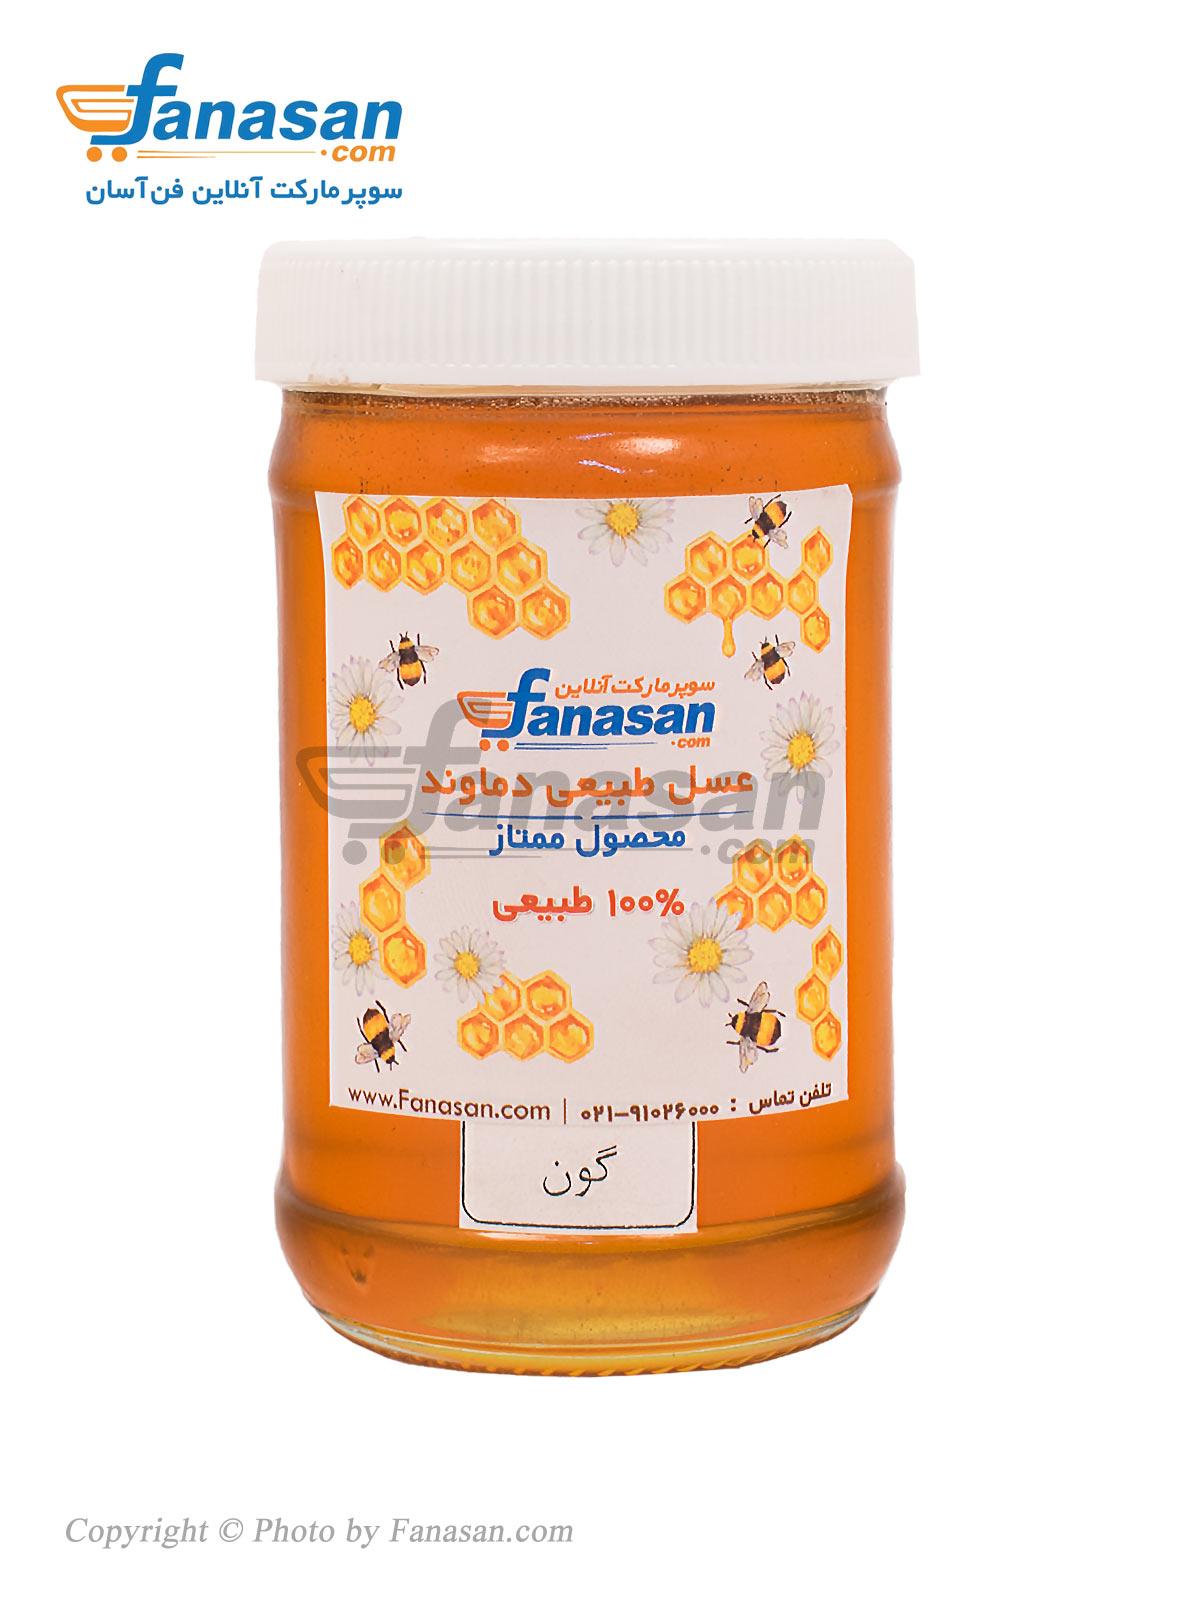 عسل طبیعی ممتاز گون فن آسان 450 گرم